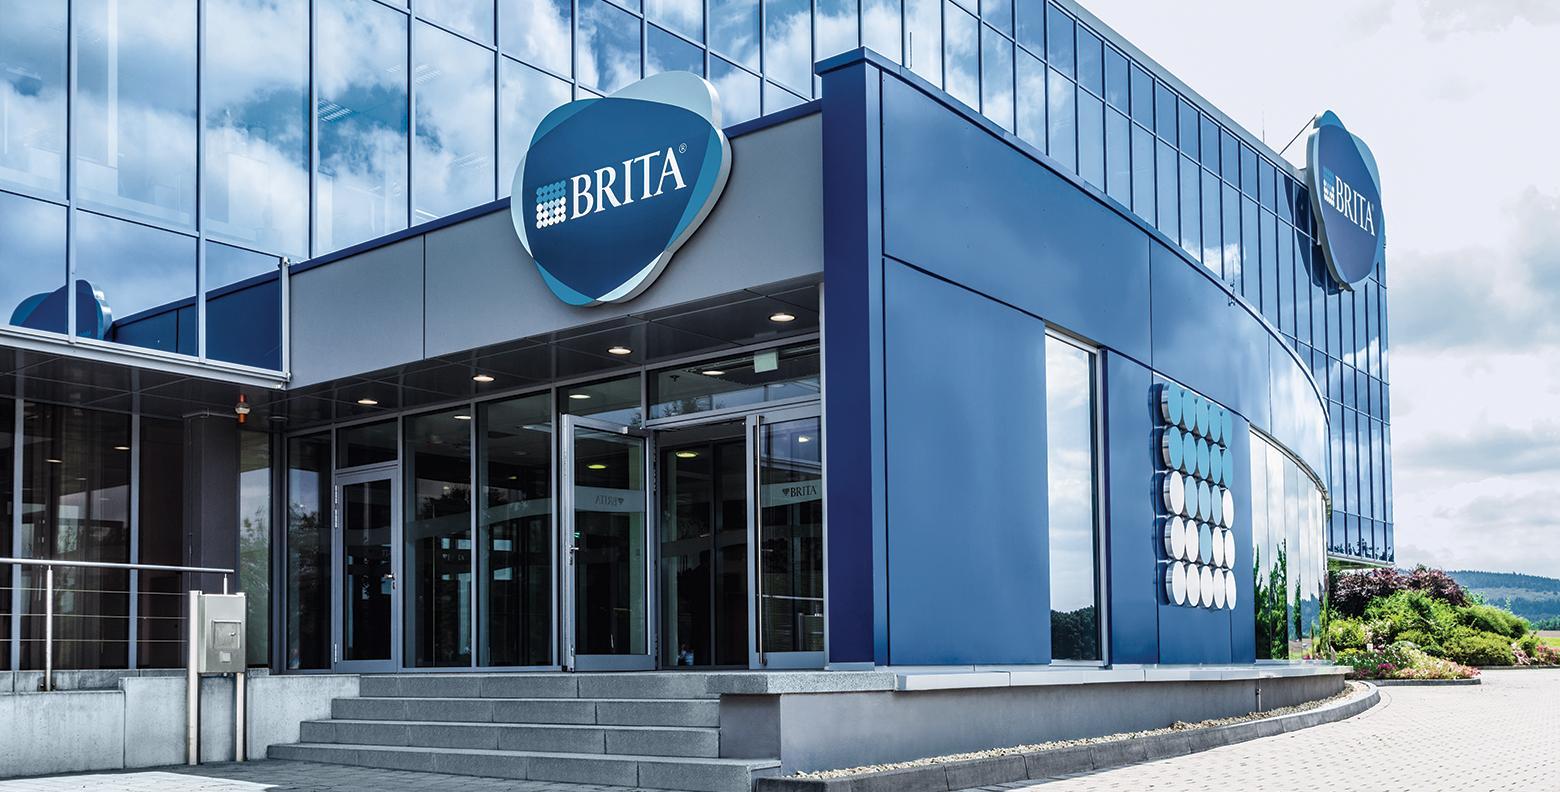 BRITA Headquarter